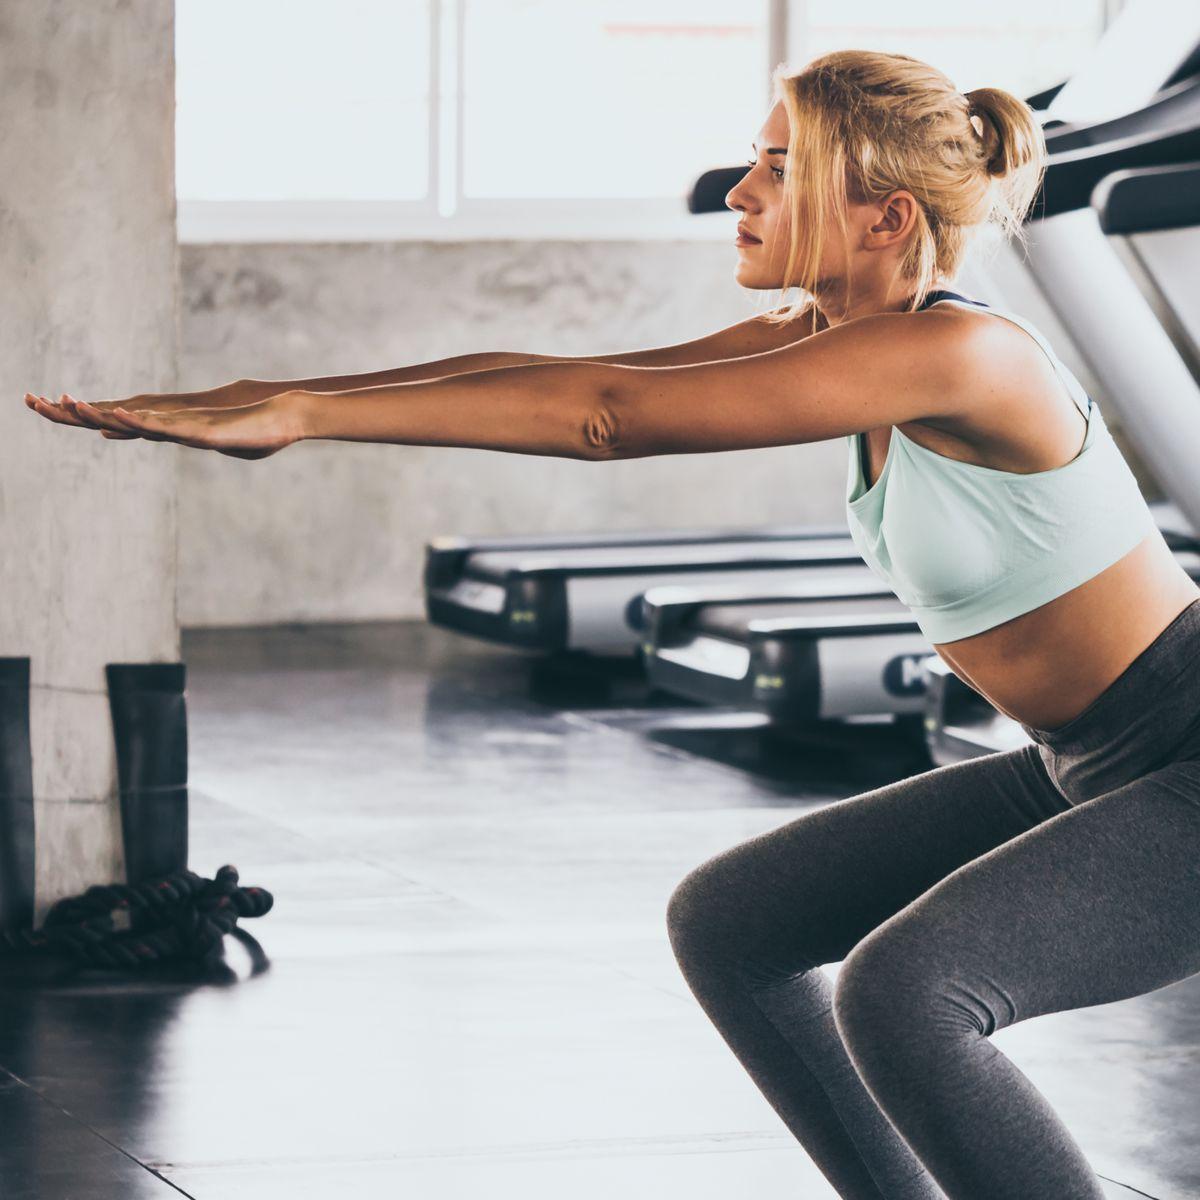 squat sautées avec support pour affermir le bas du corps